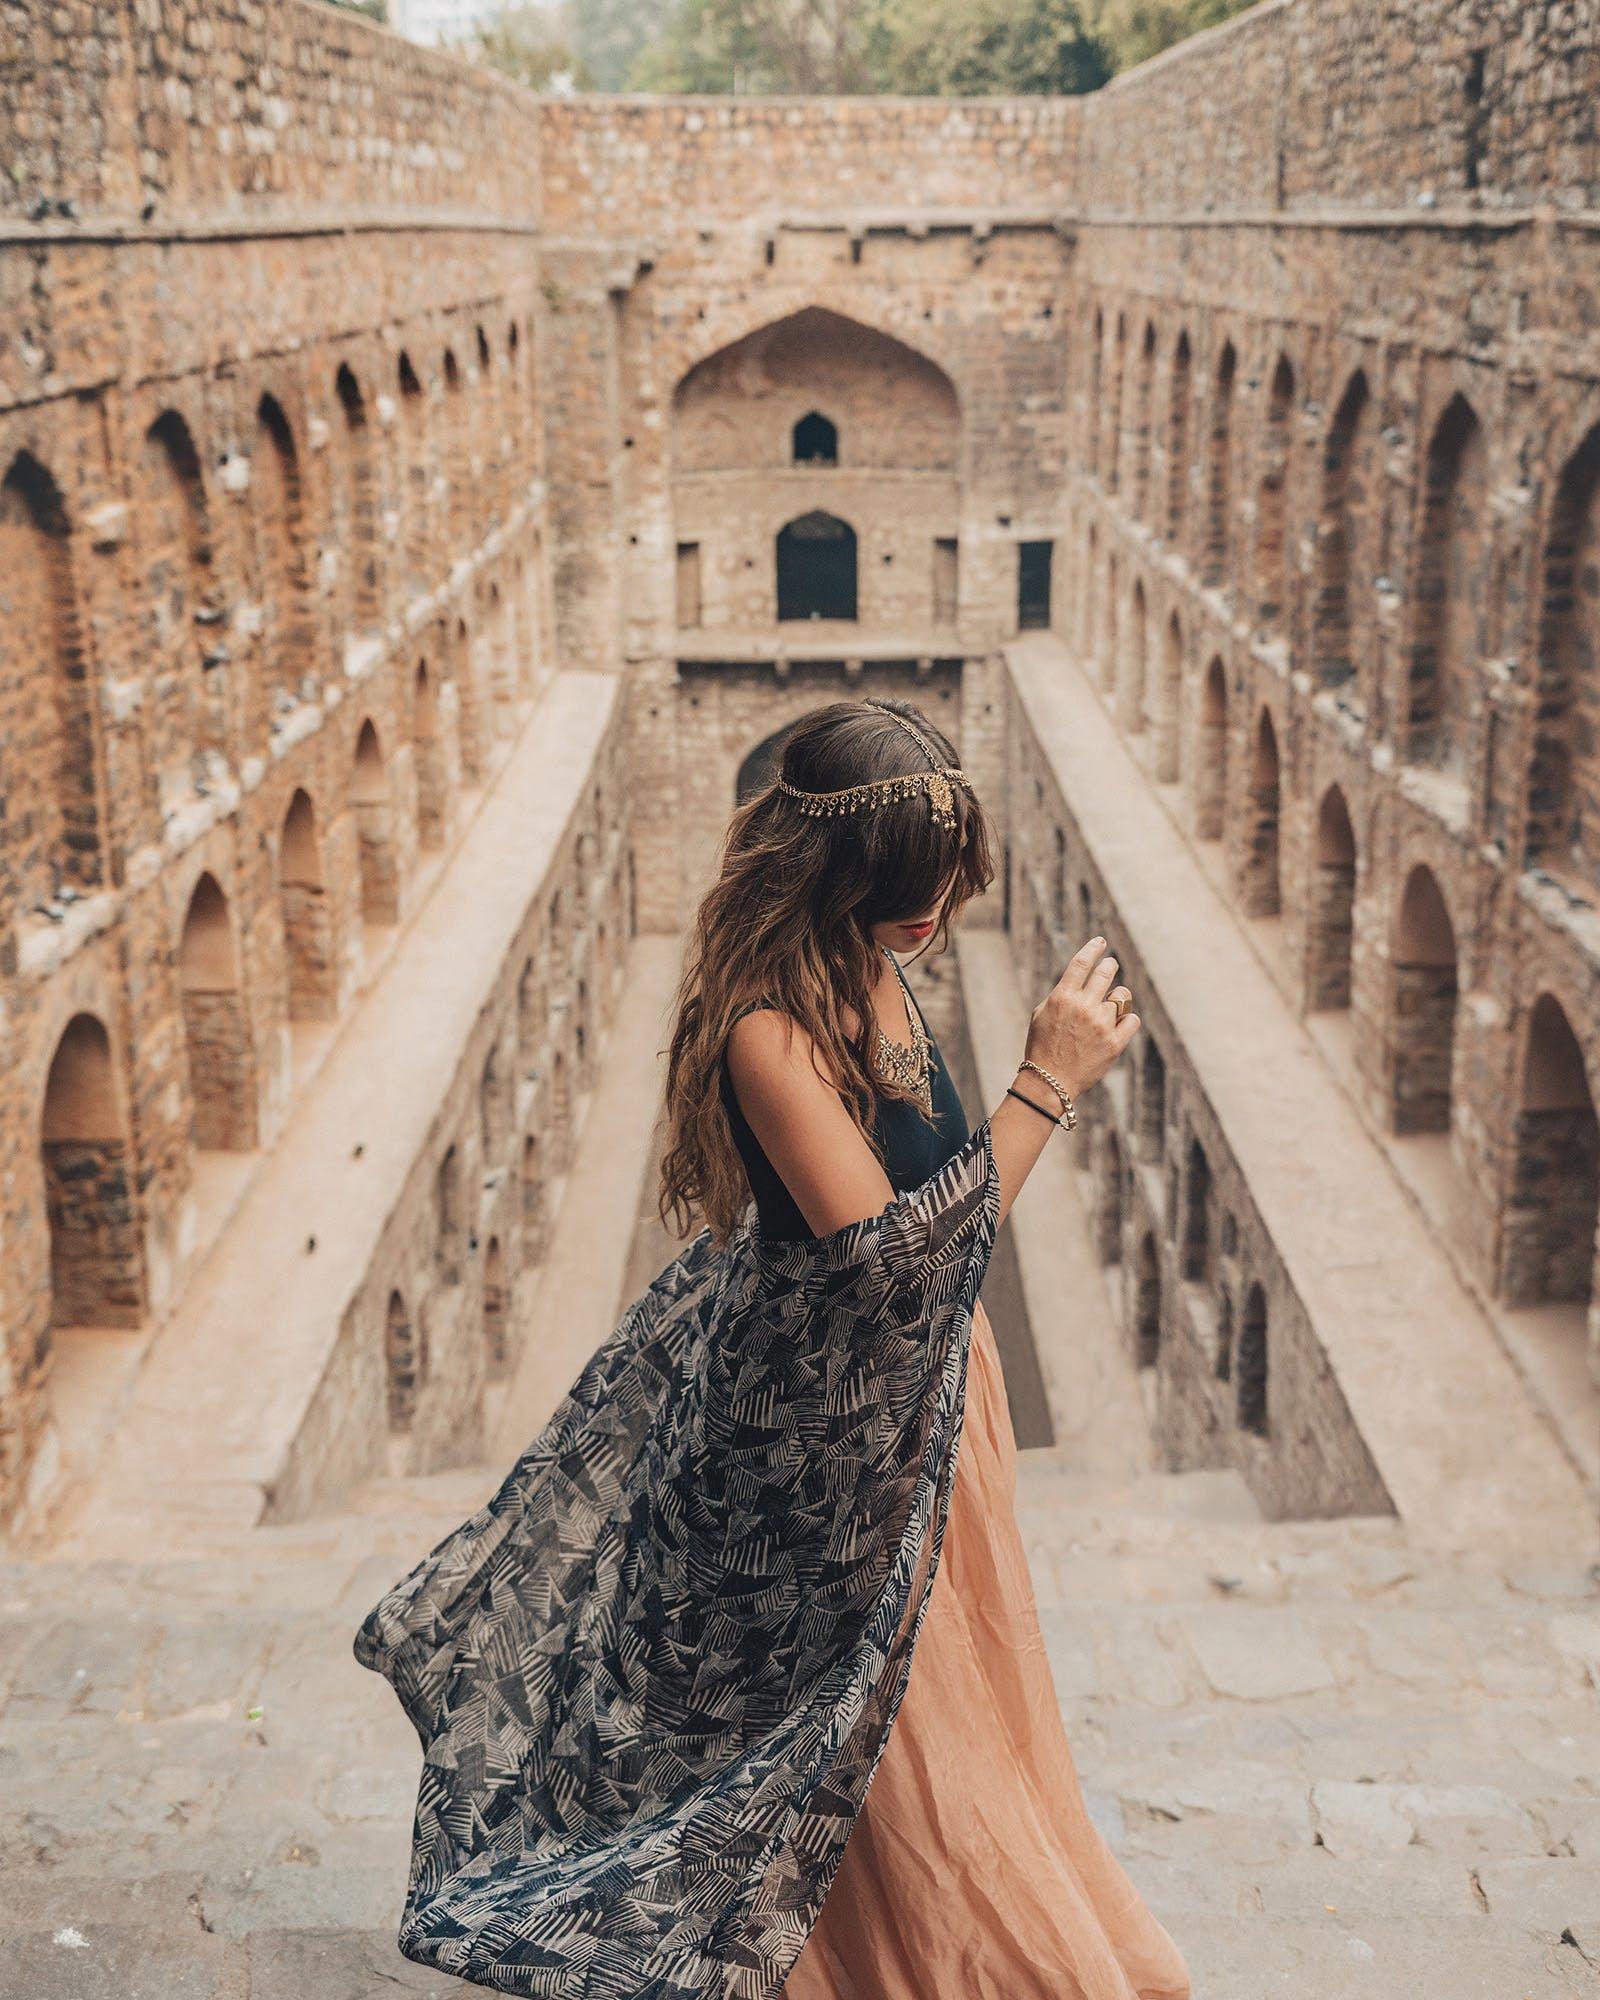 N85 Residence In New Delhi India: Waking Up In India - Shangri-La Dreams In New Delhi